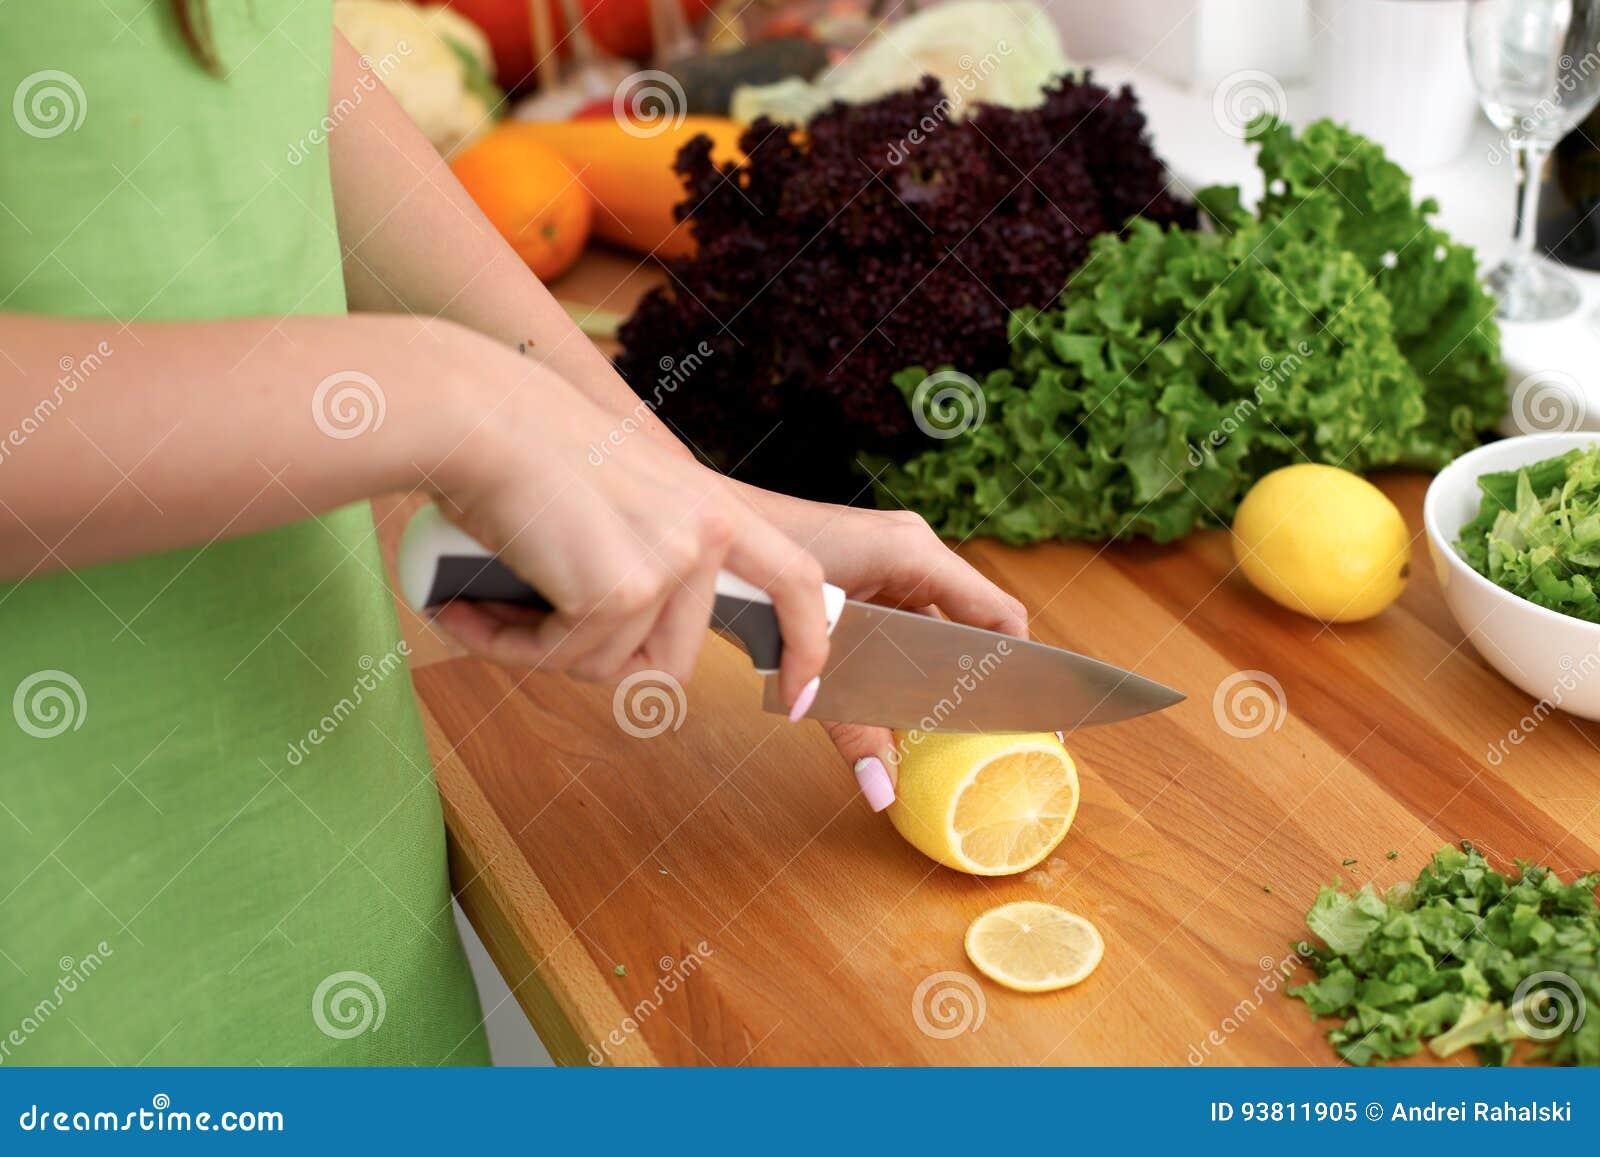 妇女特写镜头在厨房里递烹调菜沙拉 主妇切柠檬 健康膳食和素食主义者概念